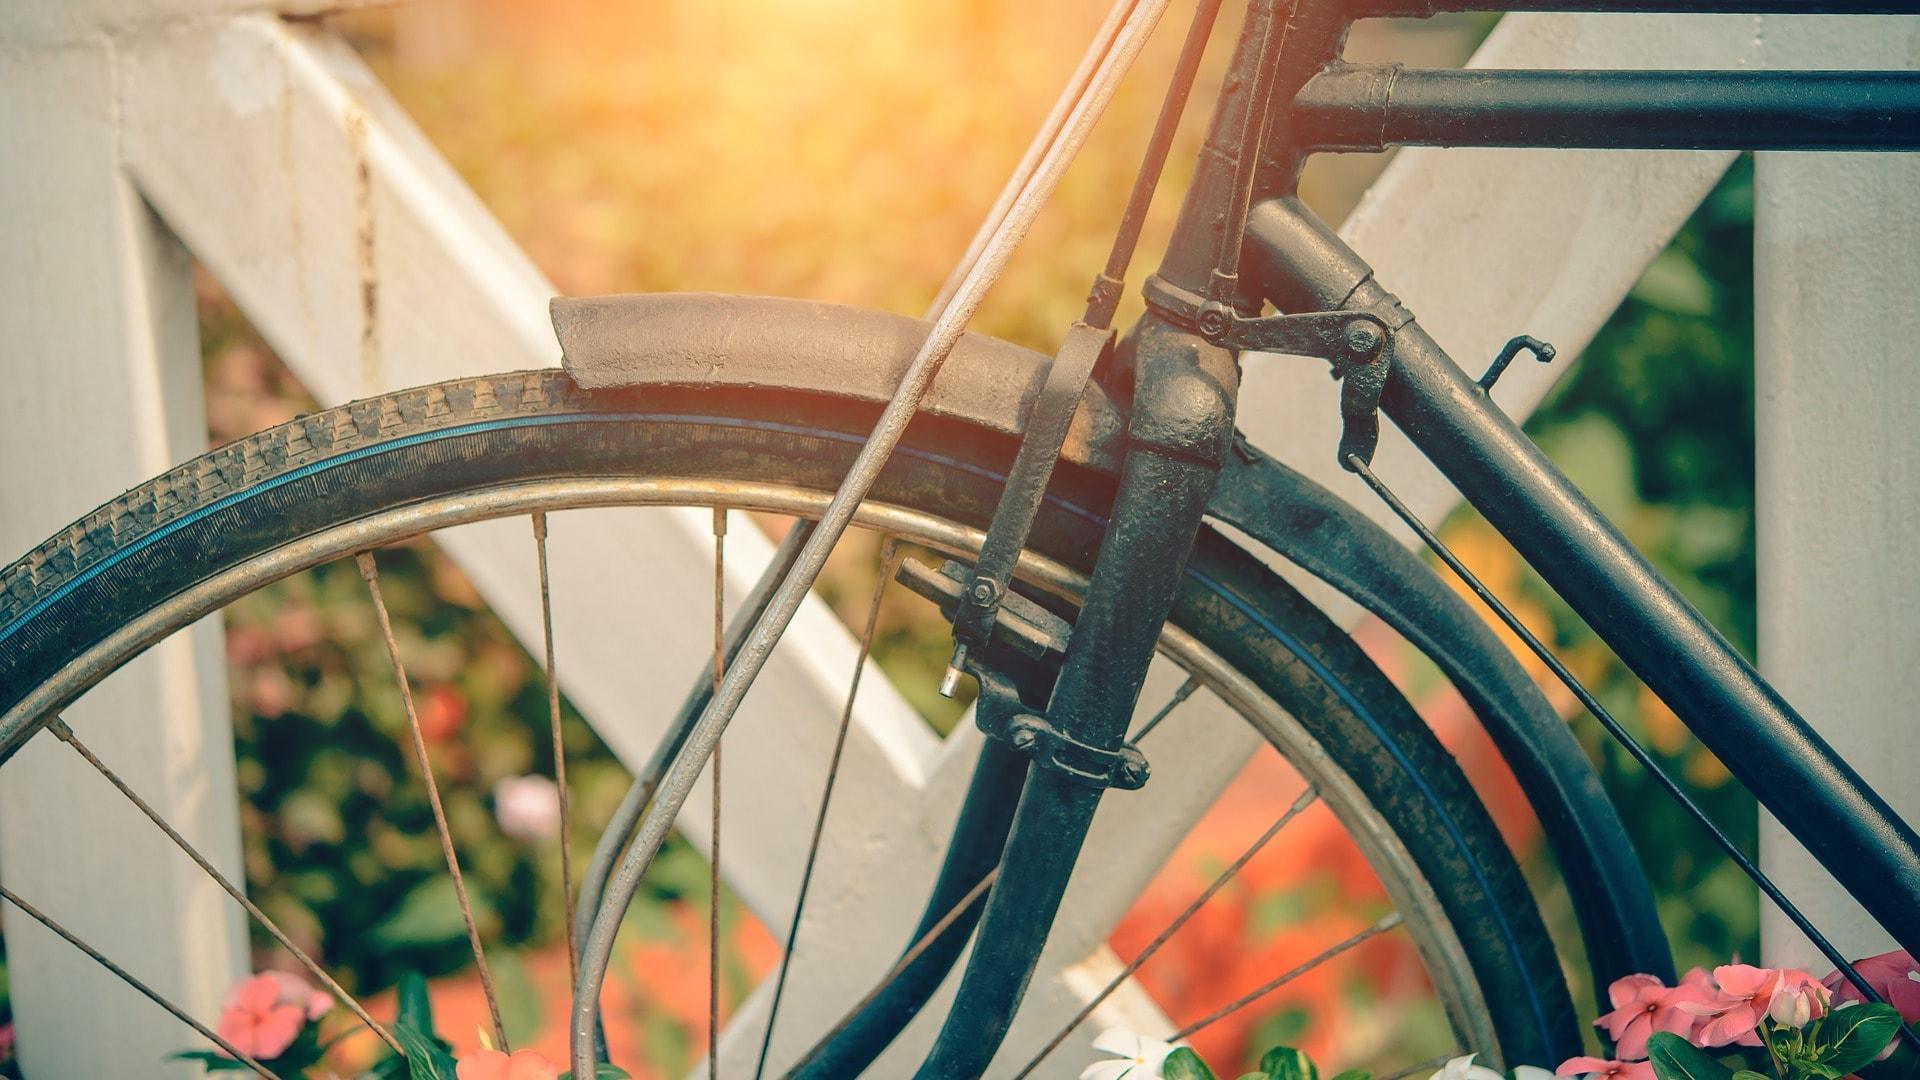 Fahrrad Checkliste - Übersicht 🗩 Tipps ⚒ FRnet